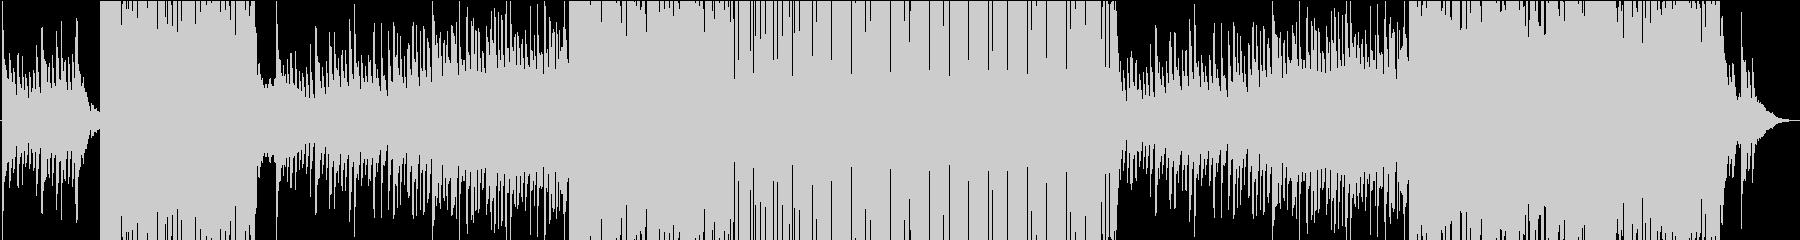 ピアノフレーズが可愛いゆったりEDMの未再生の波形